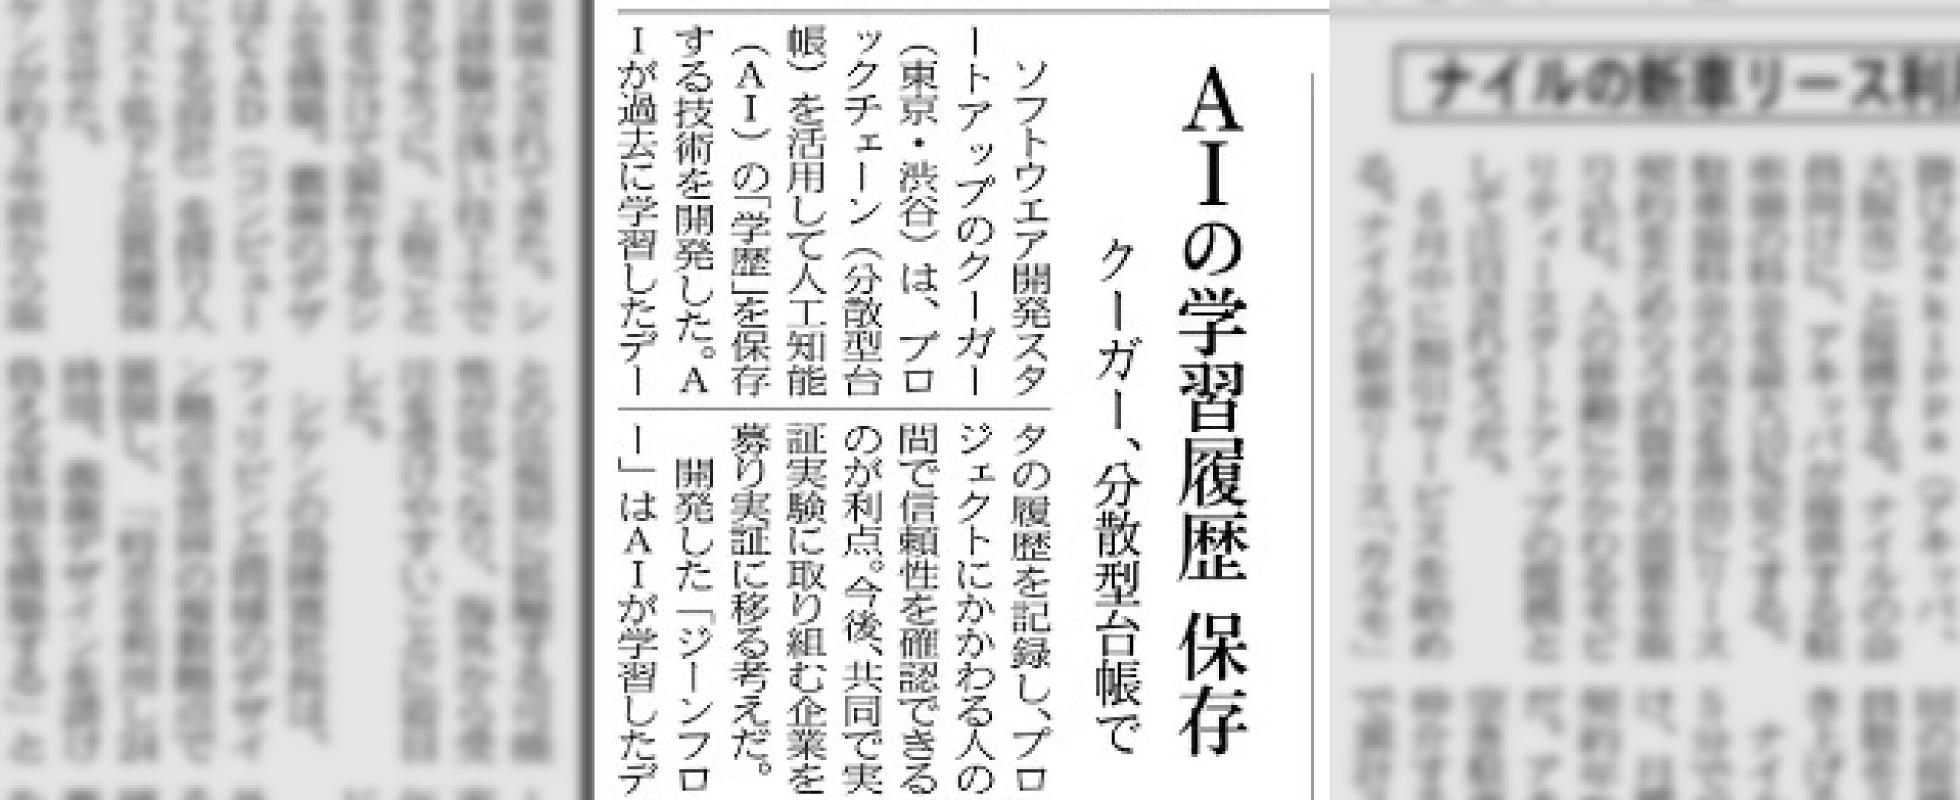 日本経済新聞の紙面にクーガーが開発を進める「GeneFlow」が掲載されました